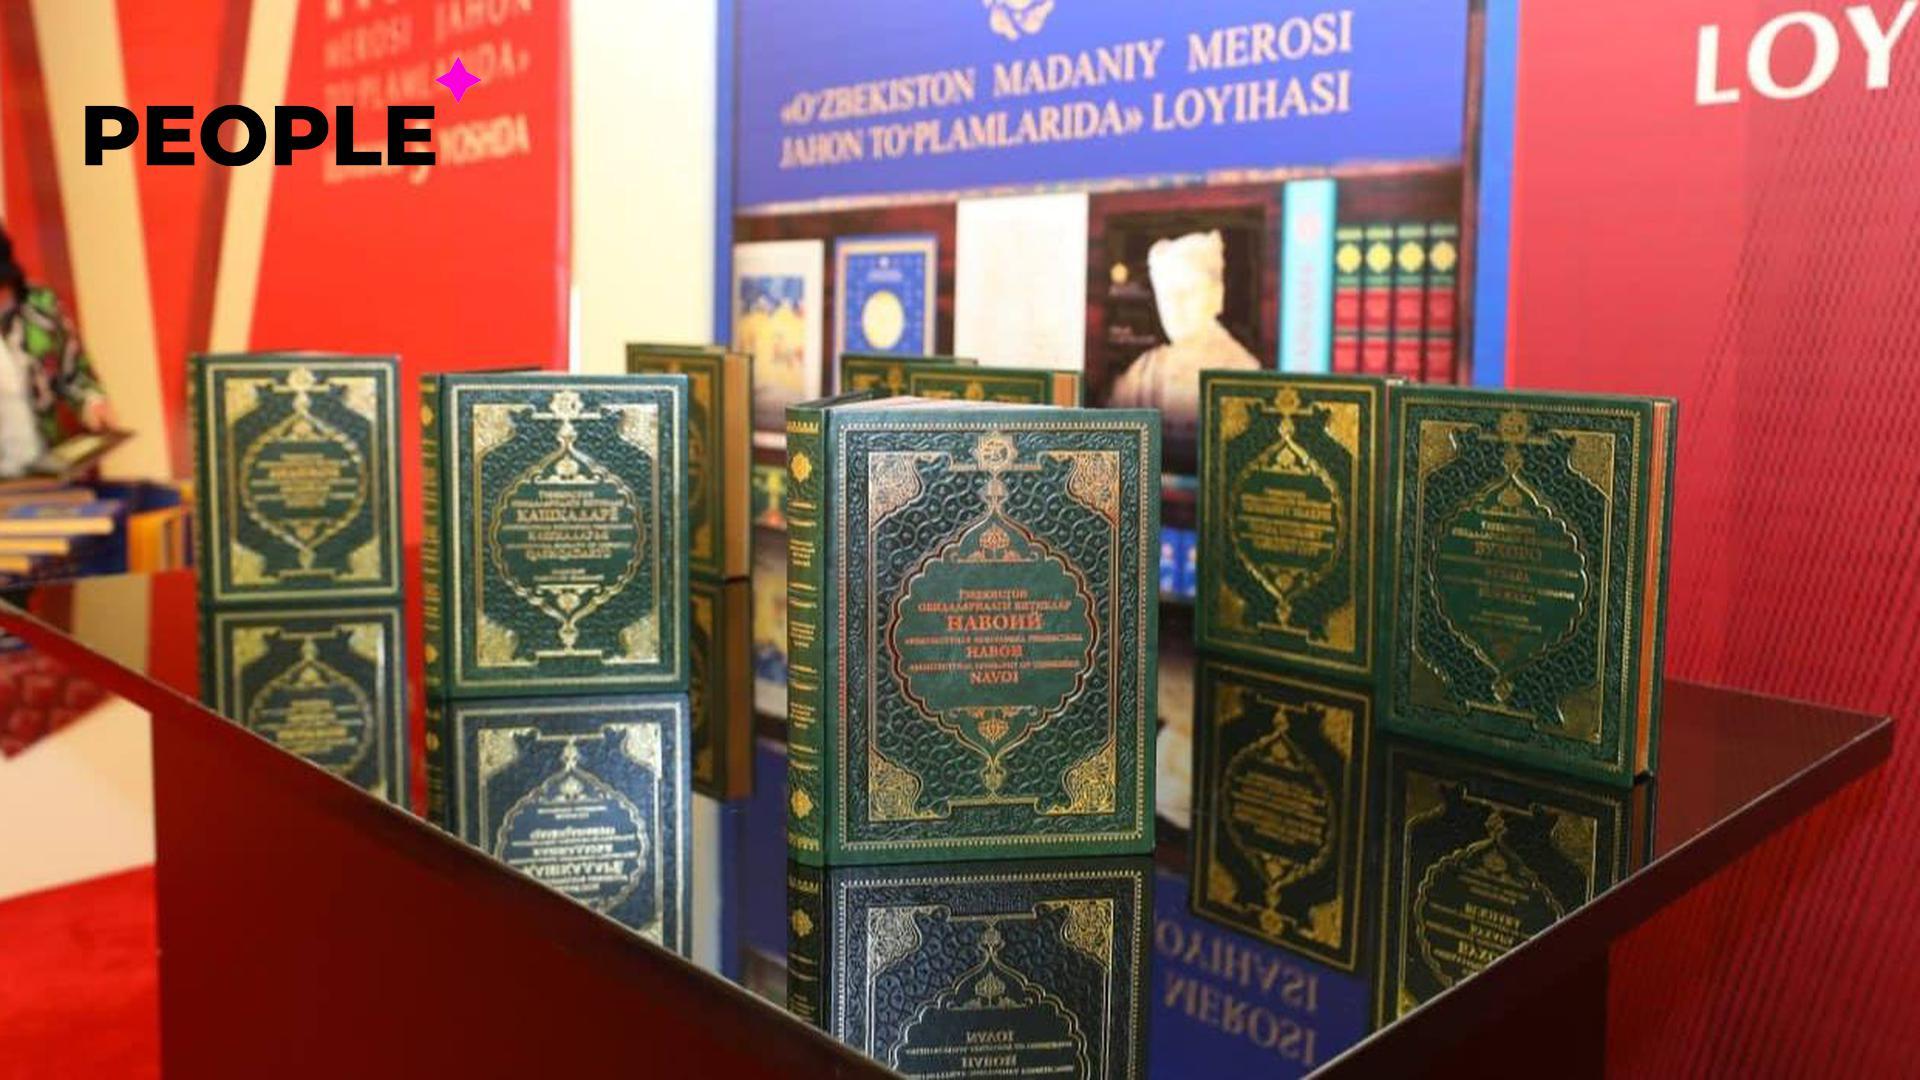 Несколько тысяч томов книг «Культурное наследие Узбекистана в собраниях мира» раздали в библиотеки и музеи мира